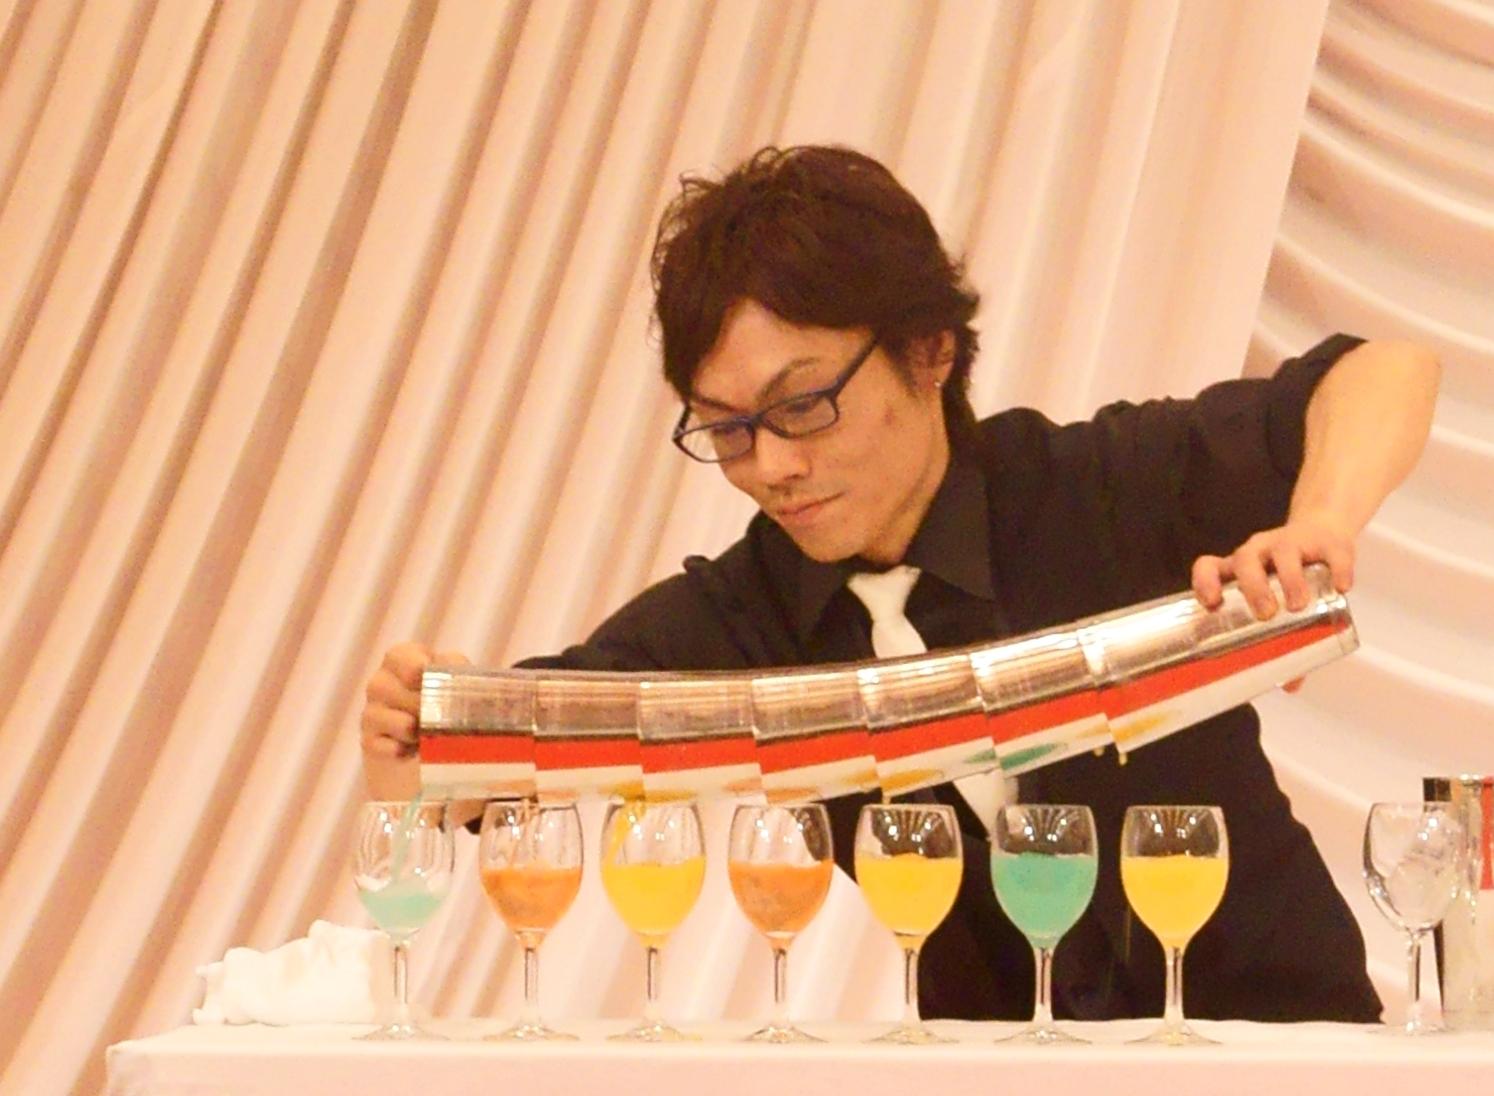 Travel Agent In Sanjyo In Niigata Japan 50